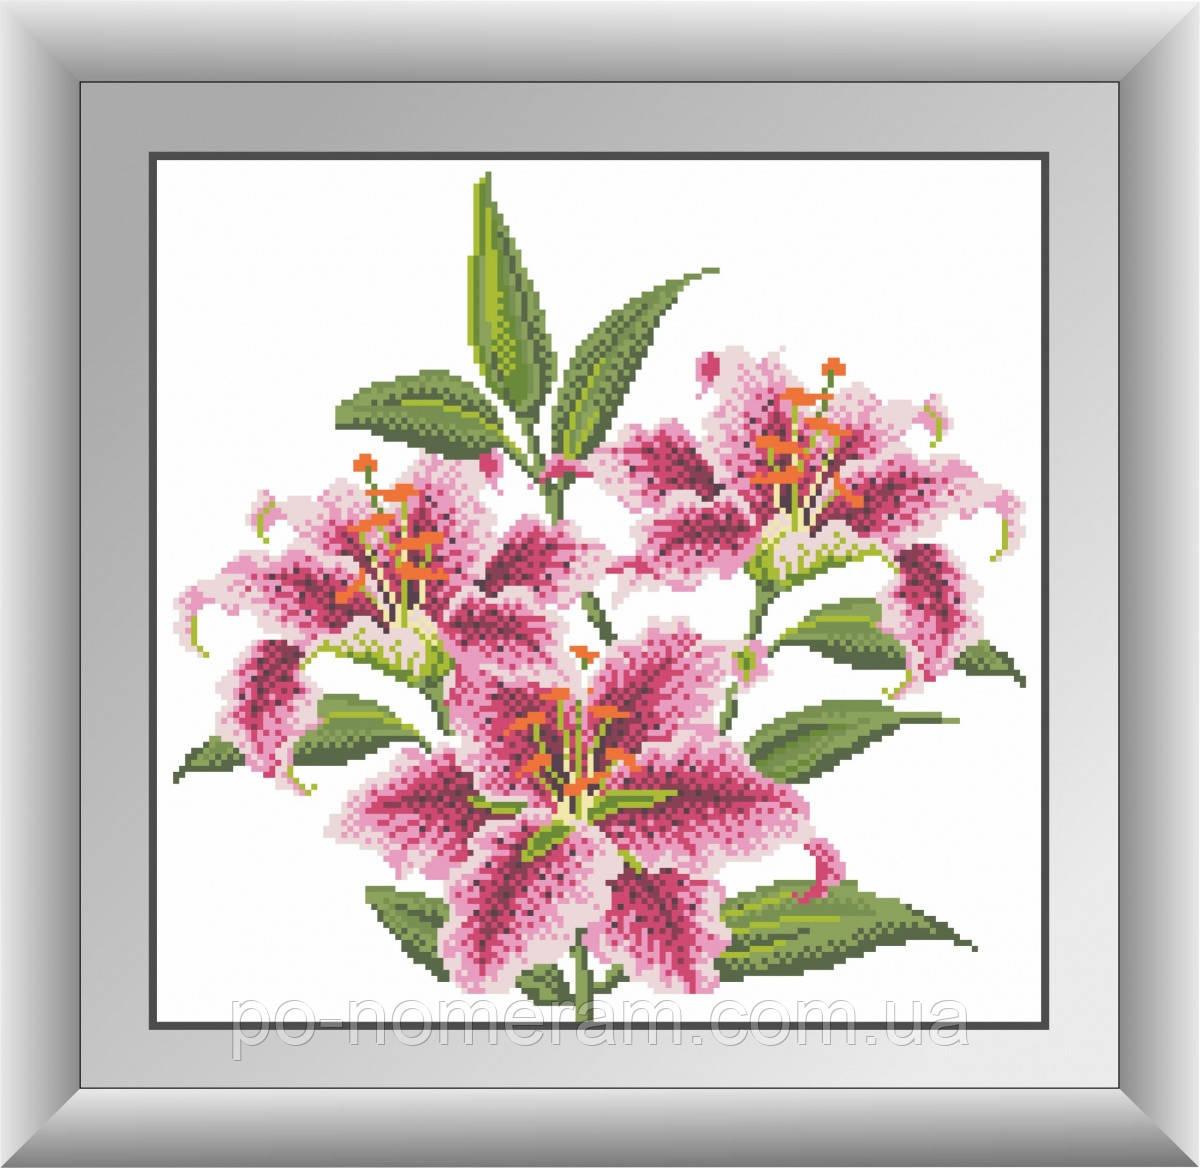 Картина алмазная вышивка Dream Art Розовые лилии (квадратные камни, полная зашивка) (DA-30420) 36 х 37 см (Без подрамника)